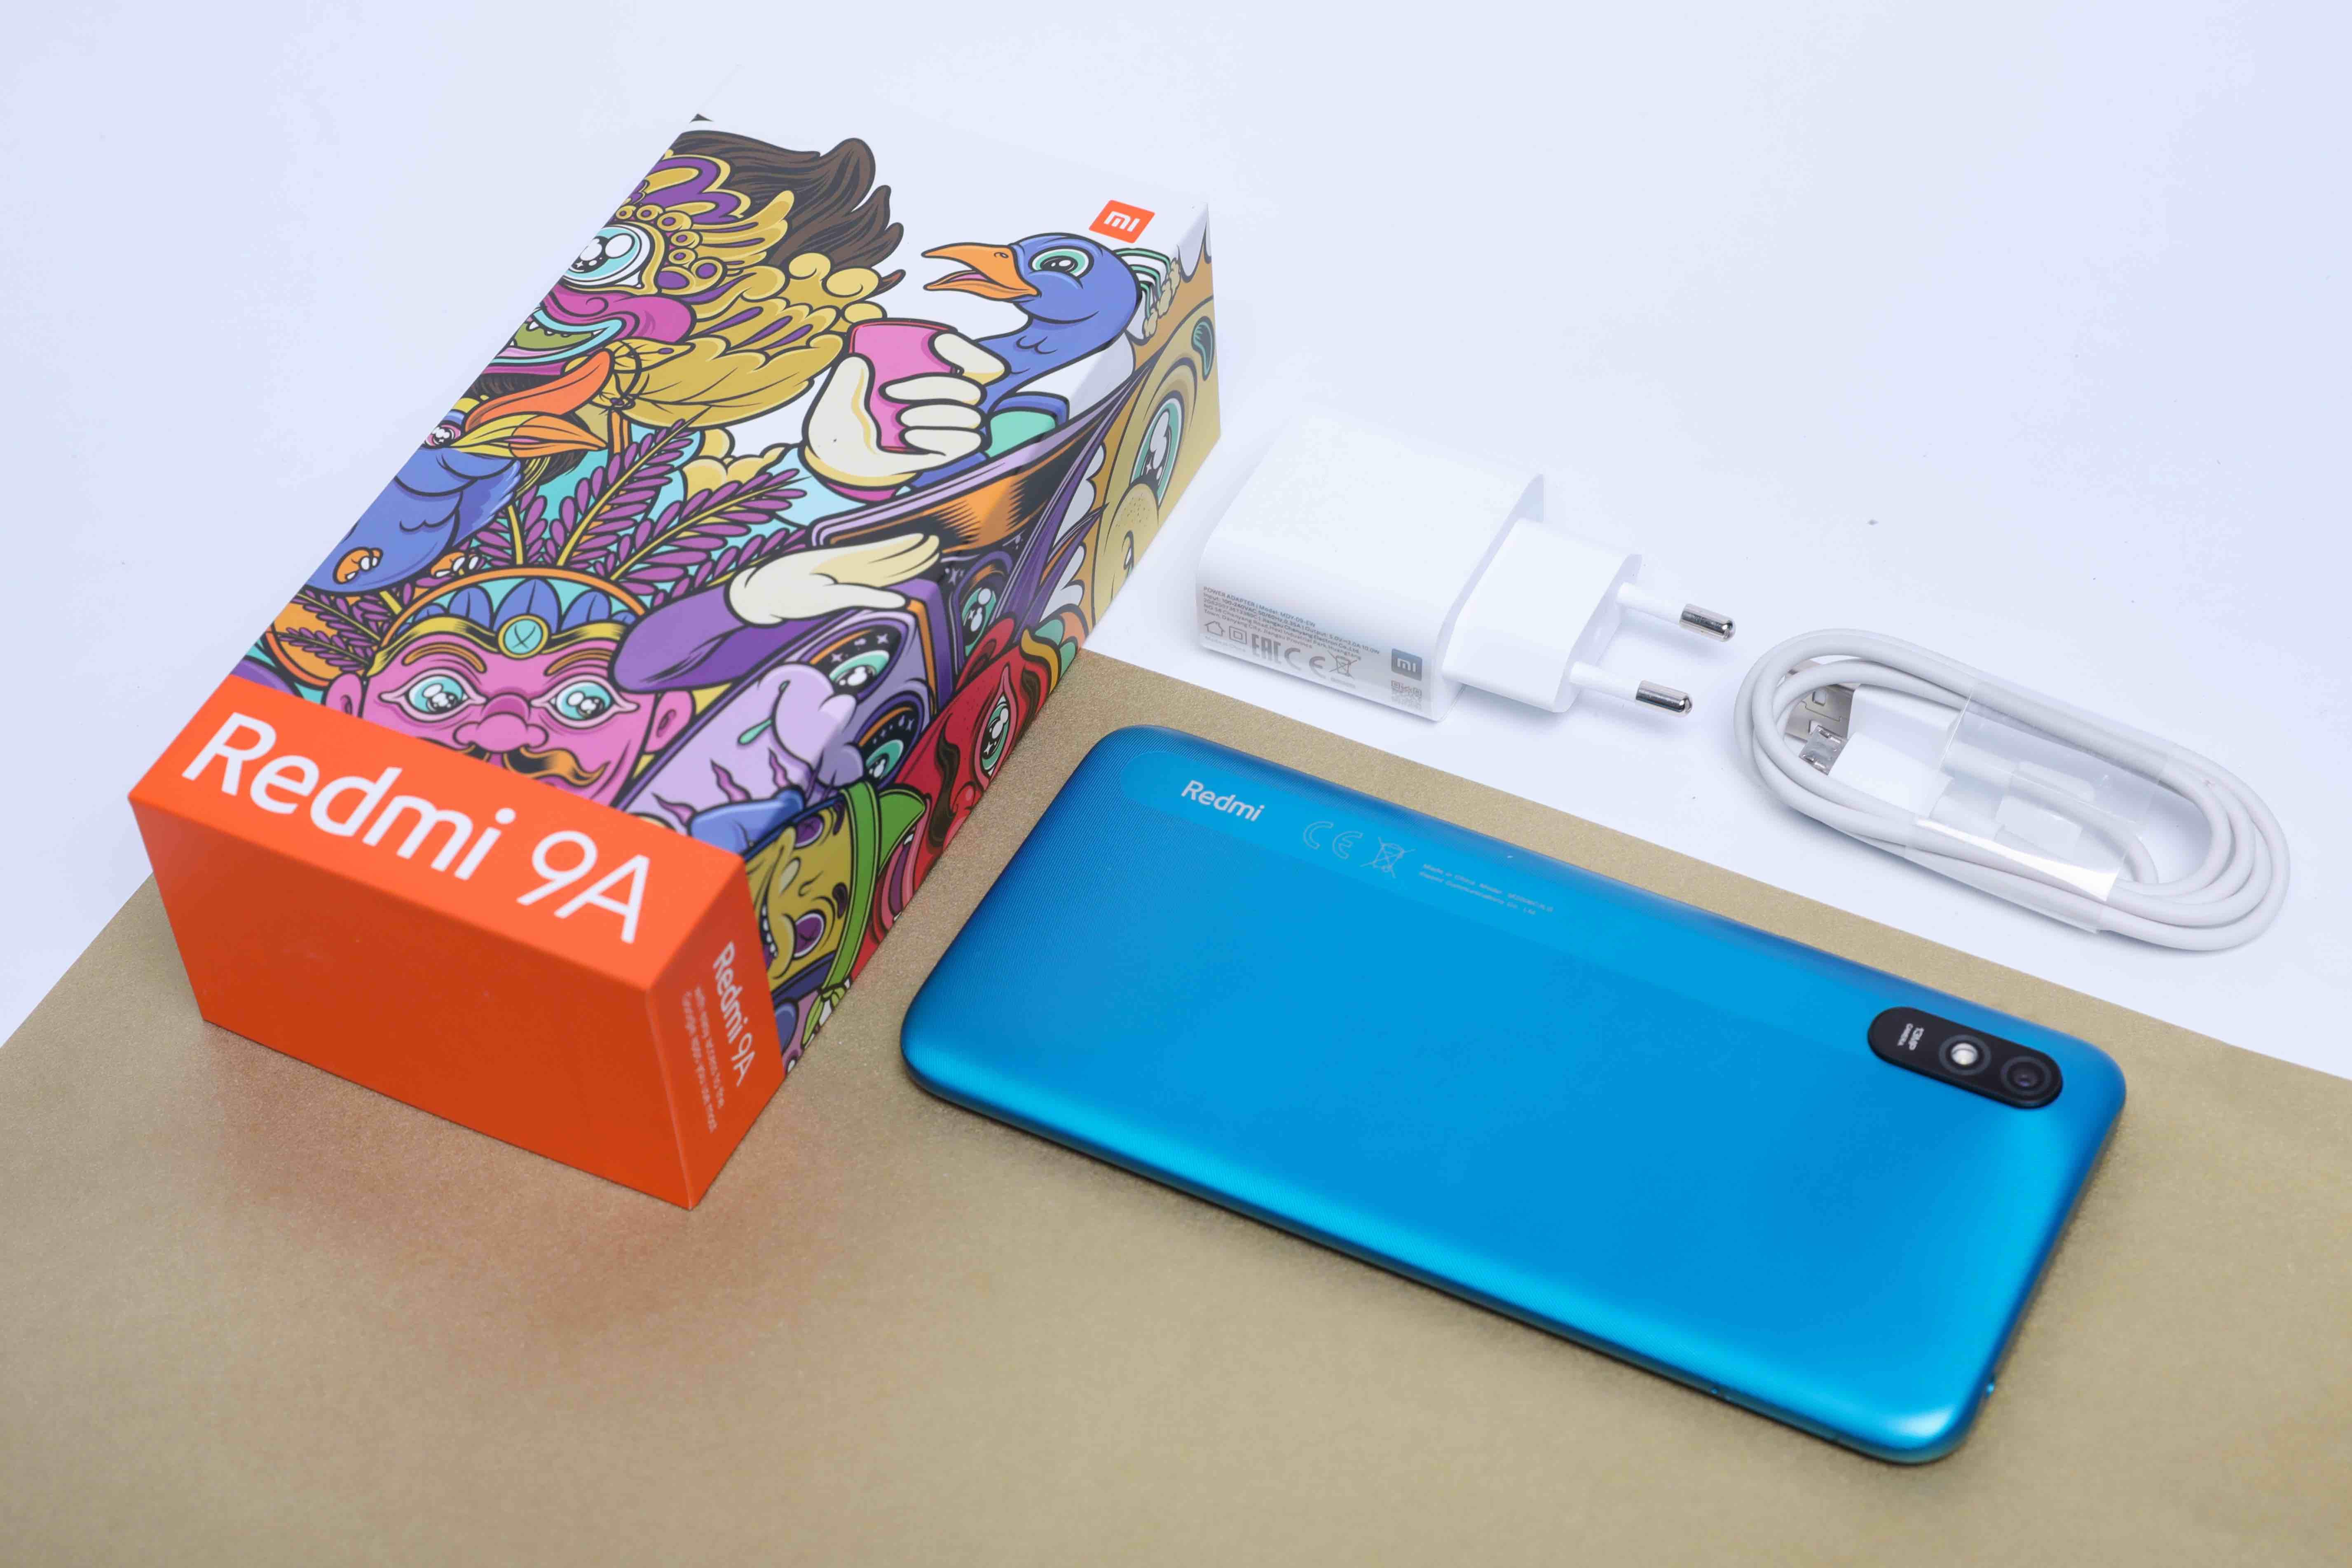 Xiaomi Redmi 9A Resmi Meluncur, Intip Spesifikasinya - JPNN.com